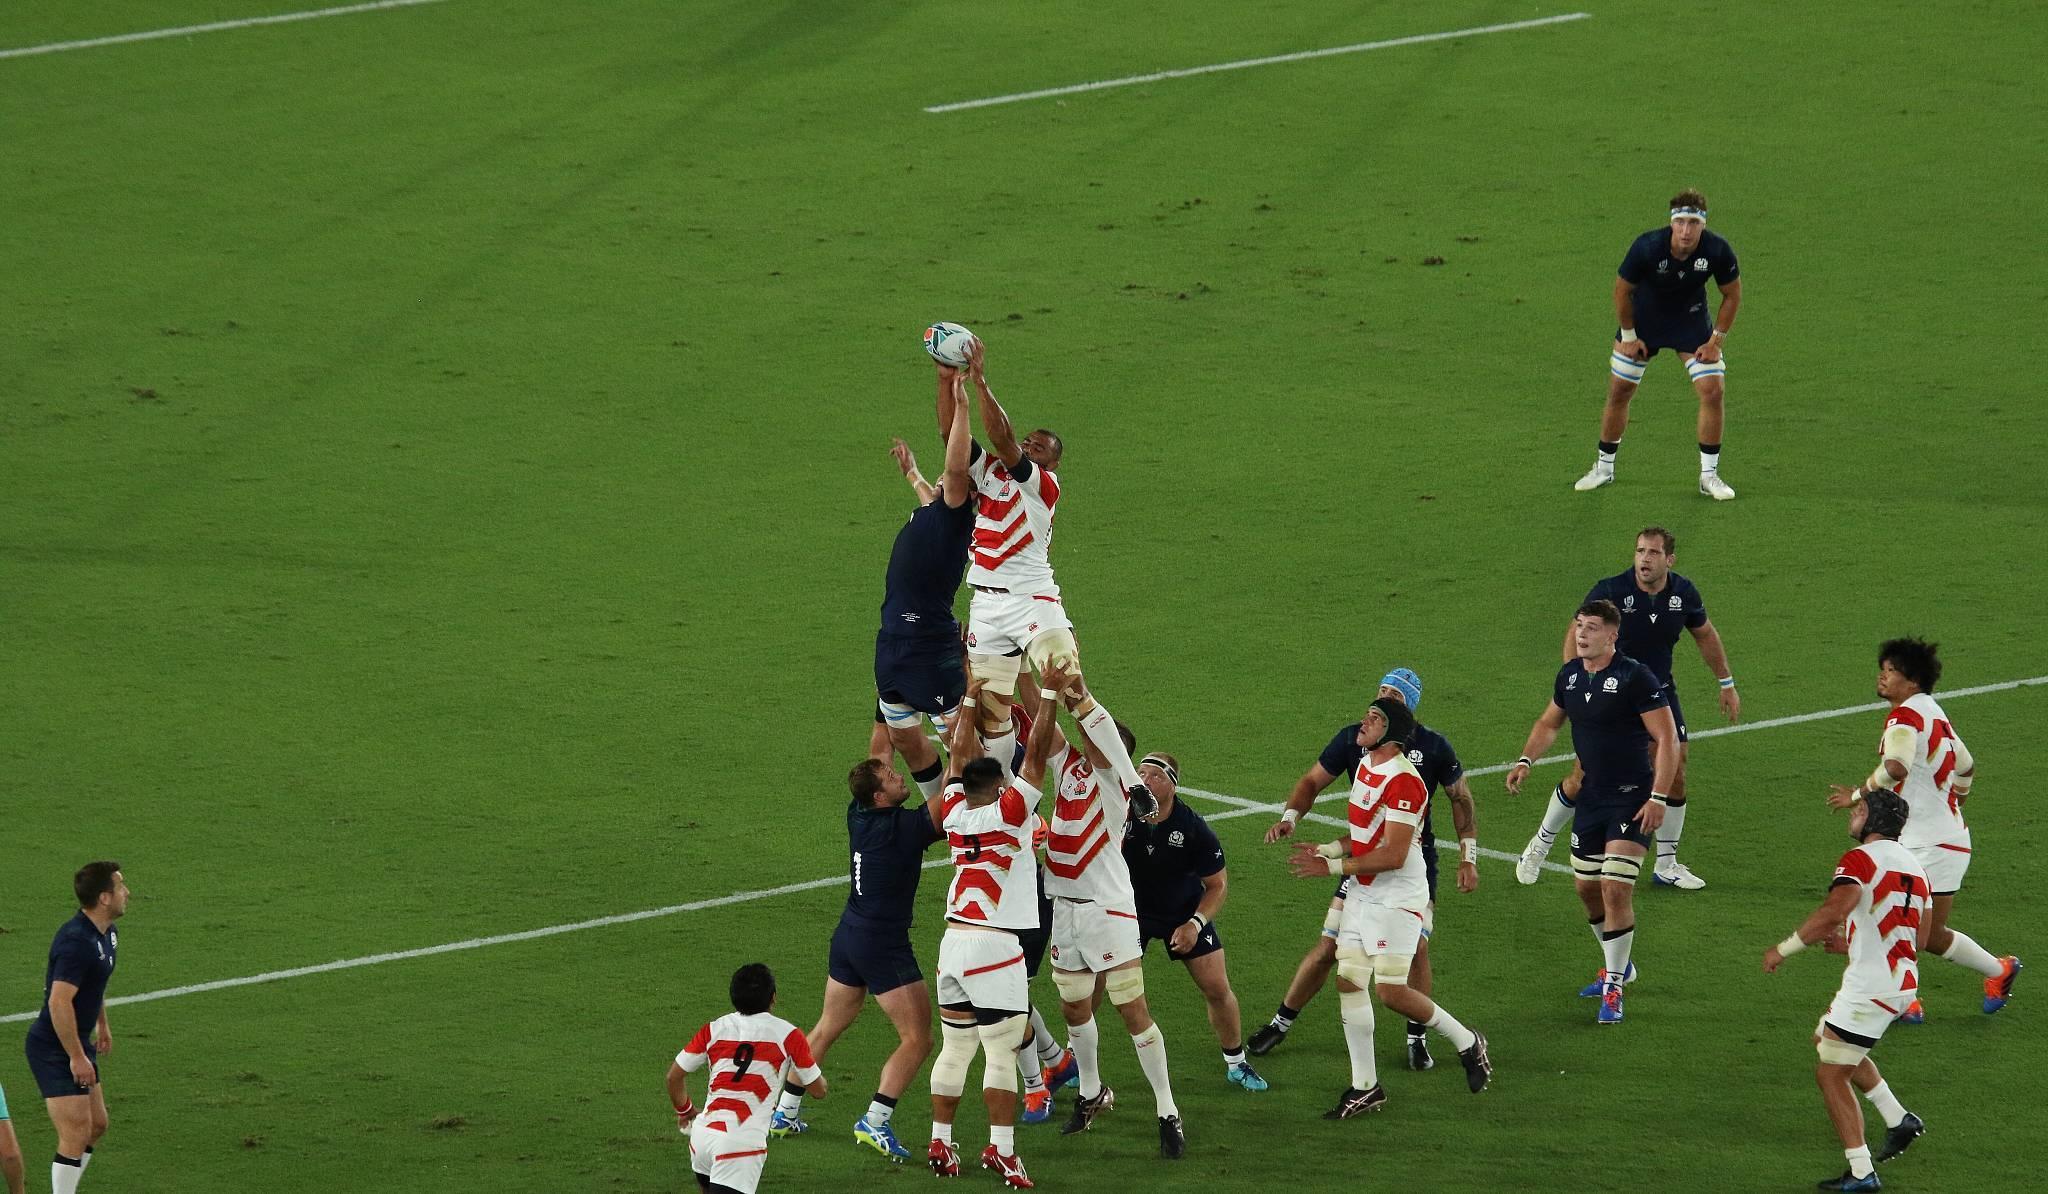 祝!RWC2019日本代表が4戦全勝で決勝トーナメントへ!_f0105570_21325761.jpg